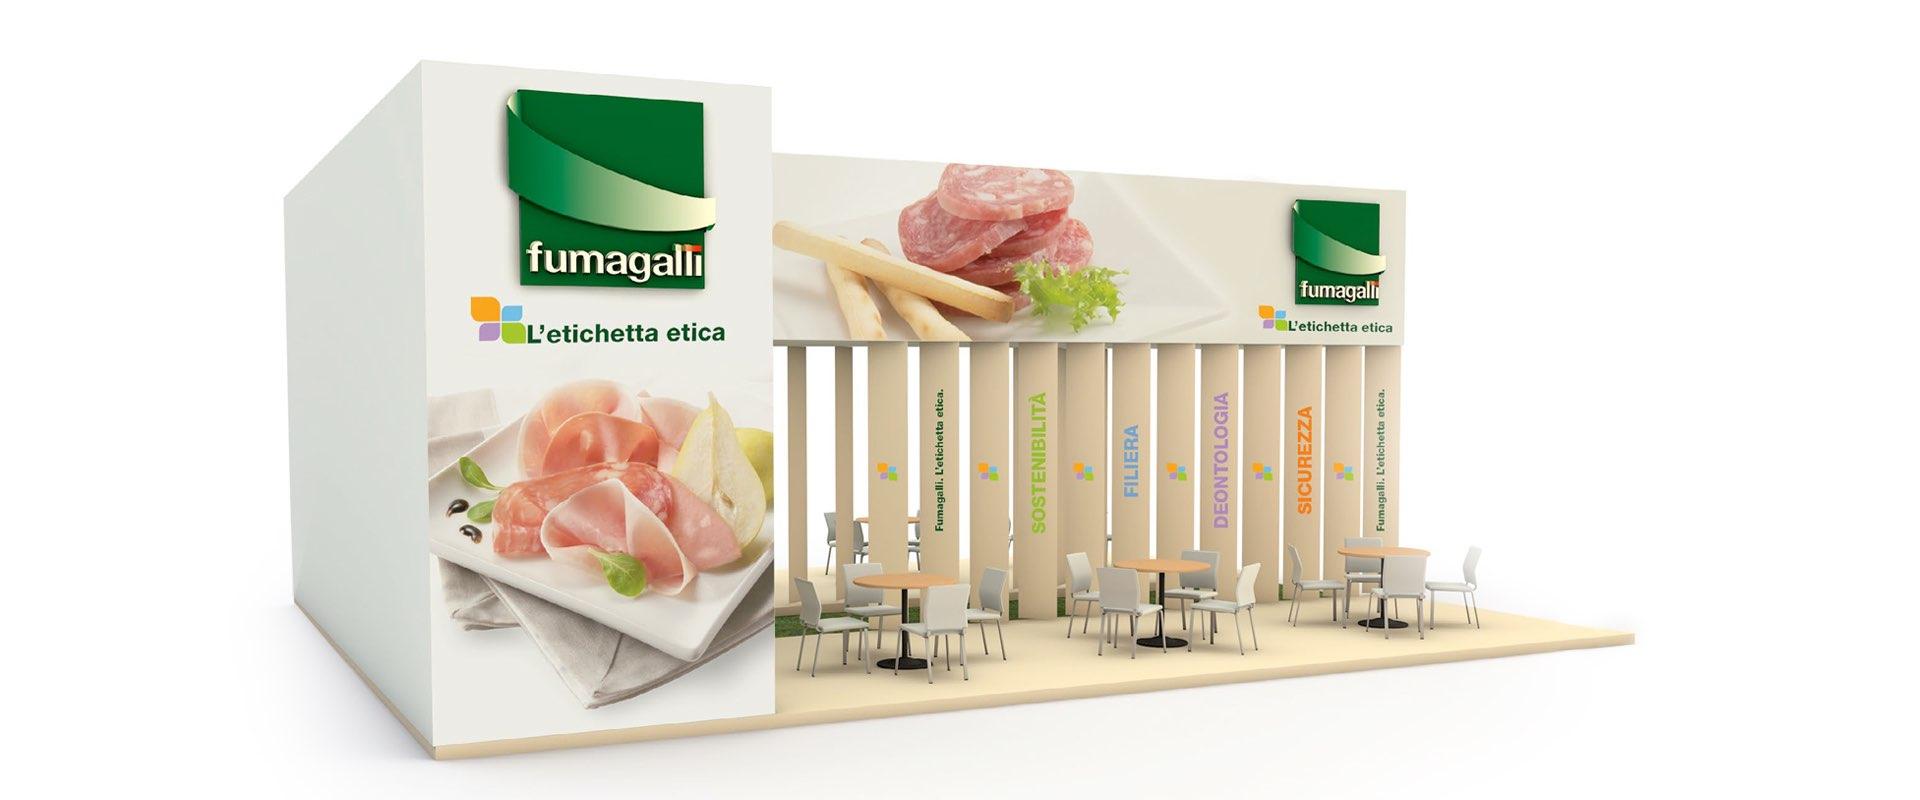 design e allestimento stand fiere CIBUS etichetta etica Fumagalli industria alimentari